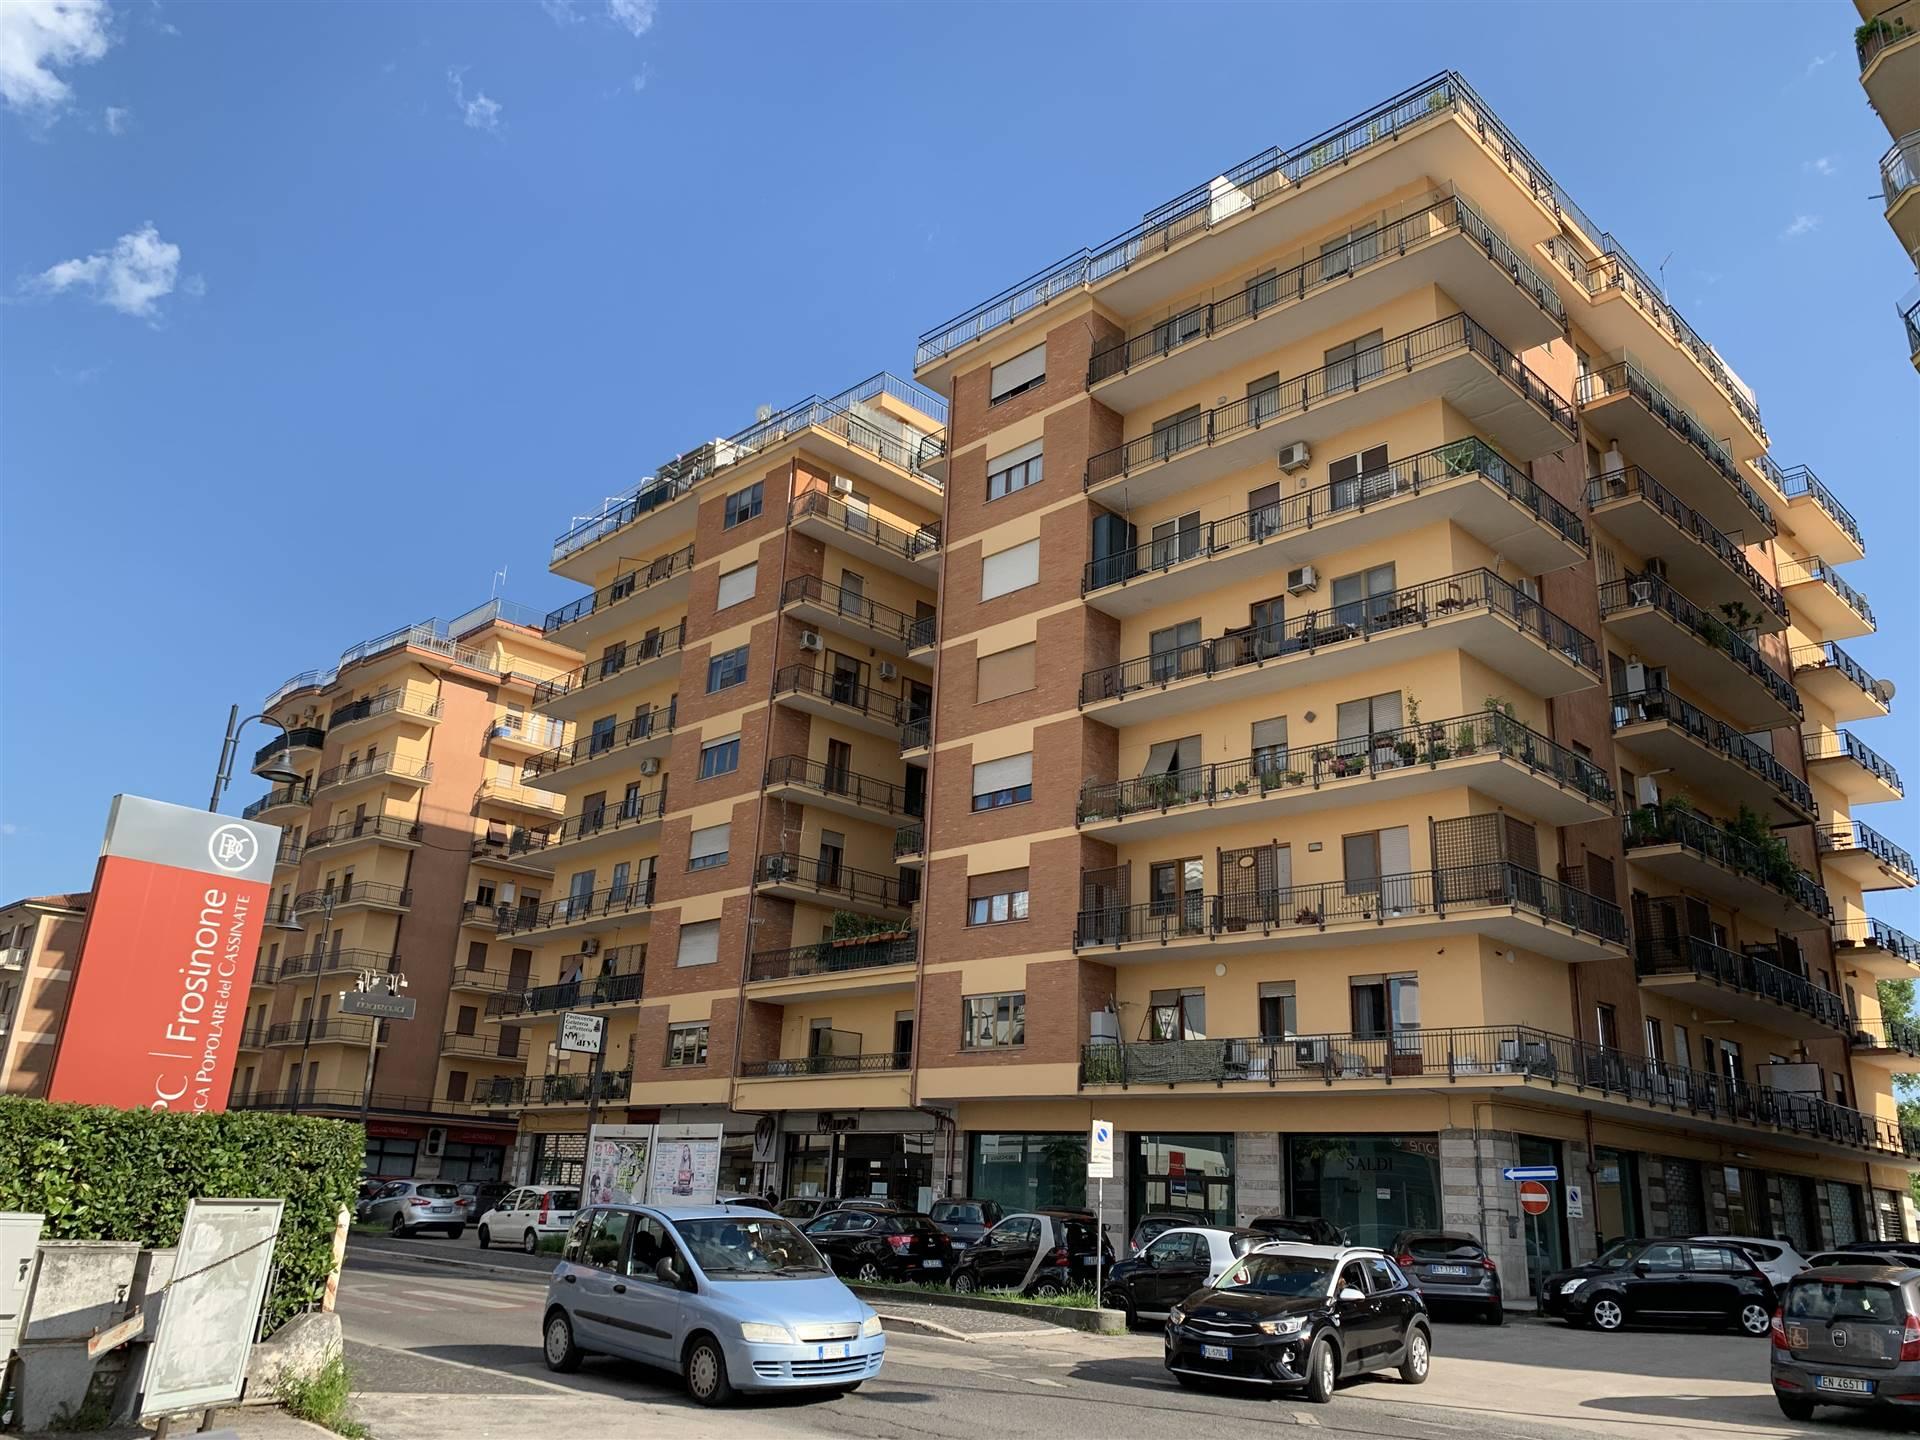 Attico / Mansarda in vendita a Frosinone, 7 locali, zona ro, prezzo € 225.000 | PortaleAgenzieImmobiliari.it